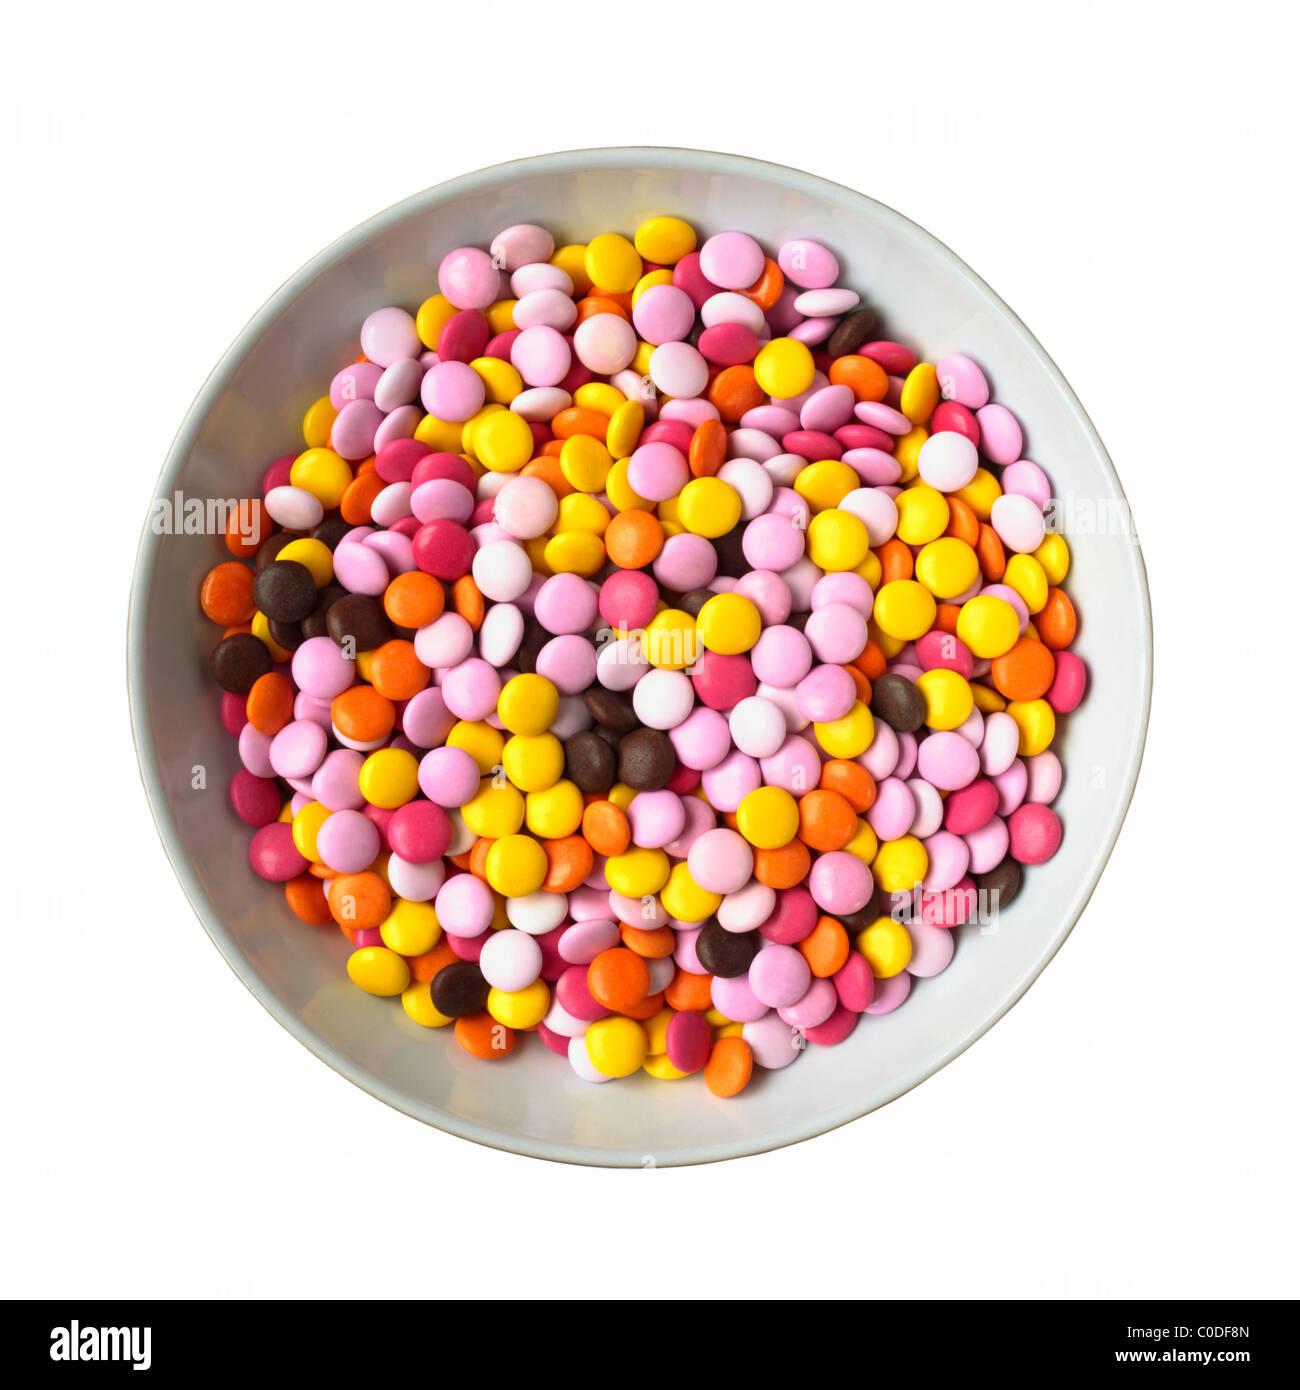 Eine Schale mit Süßigkeiten beschichtet Pralinen auf weißem Hintergrund Stockbild